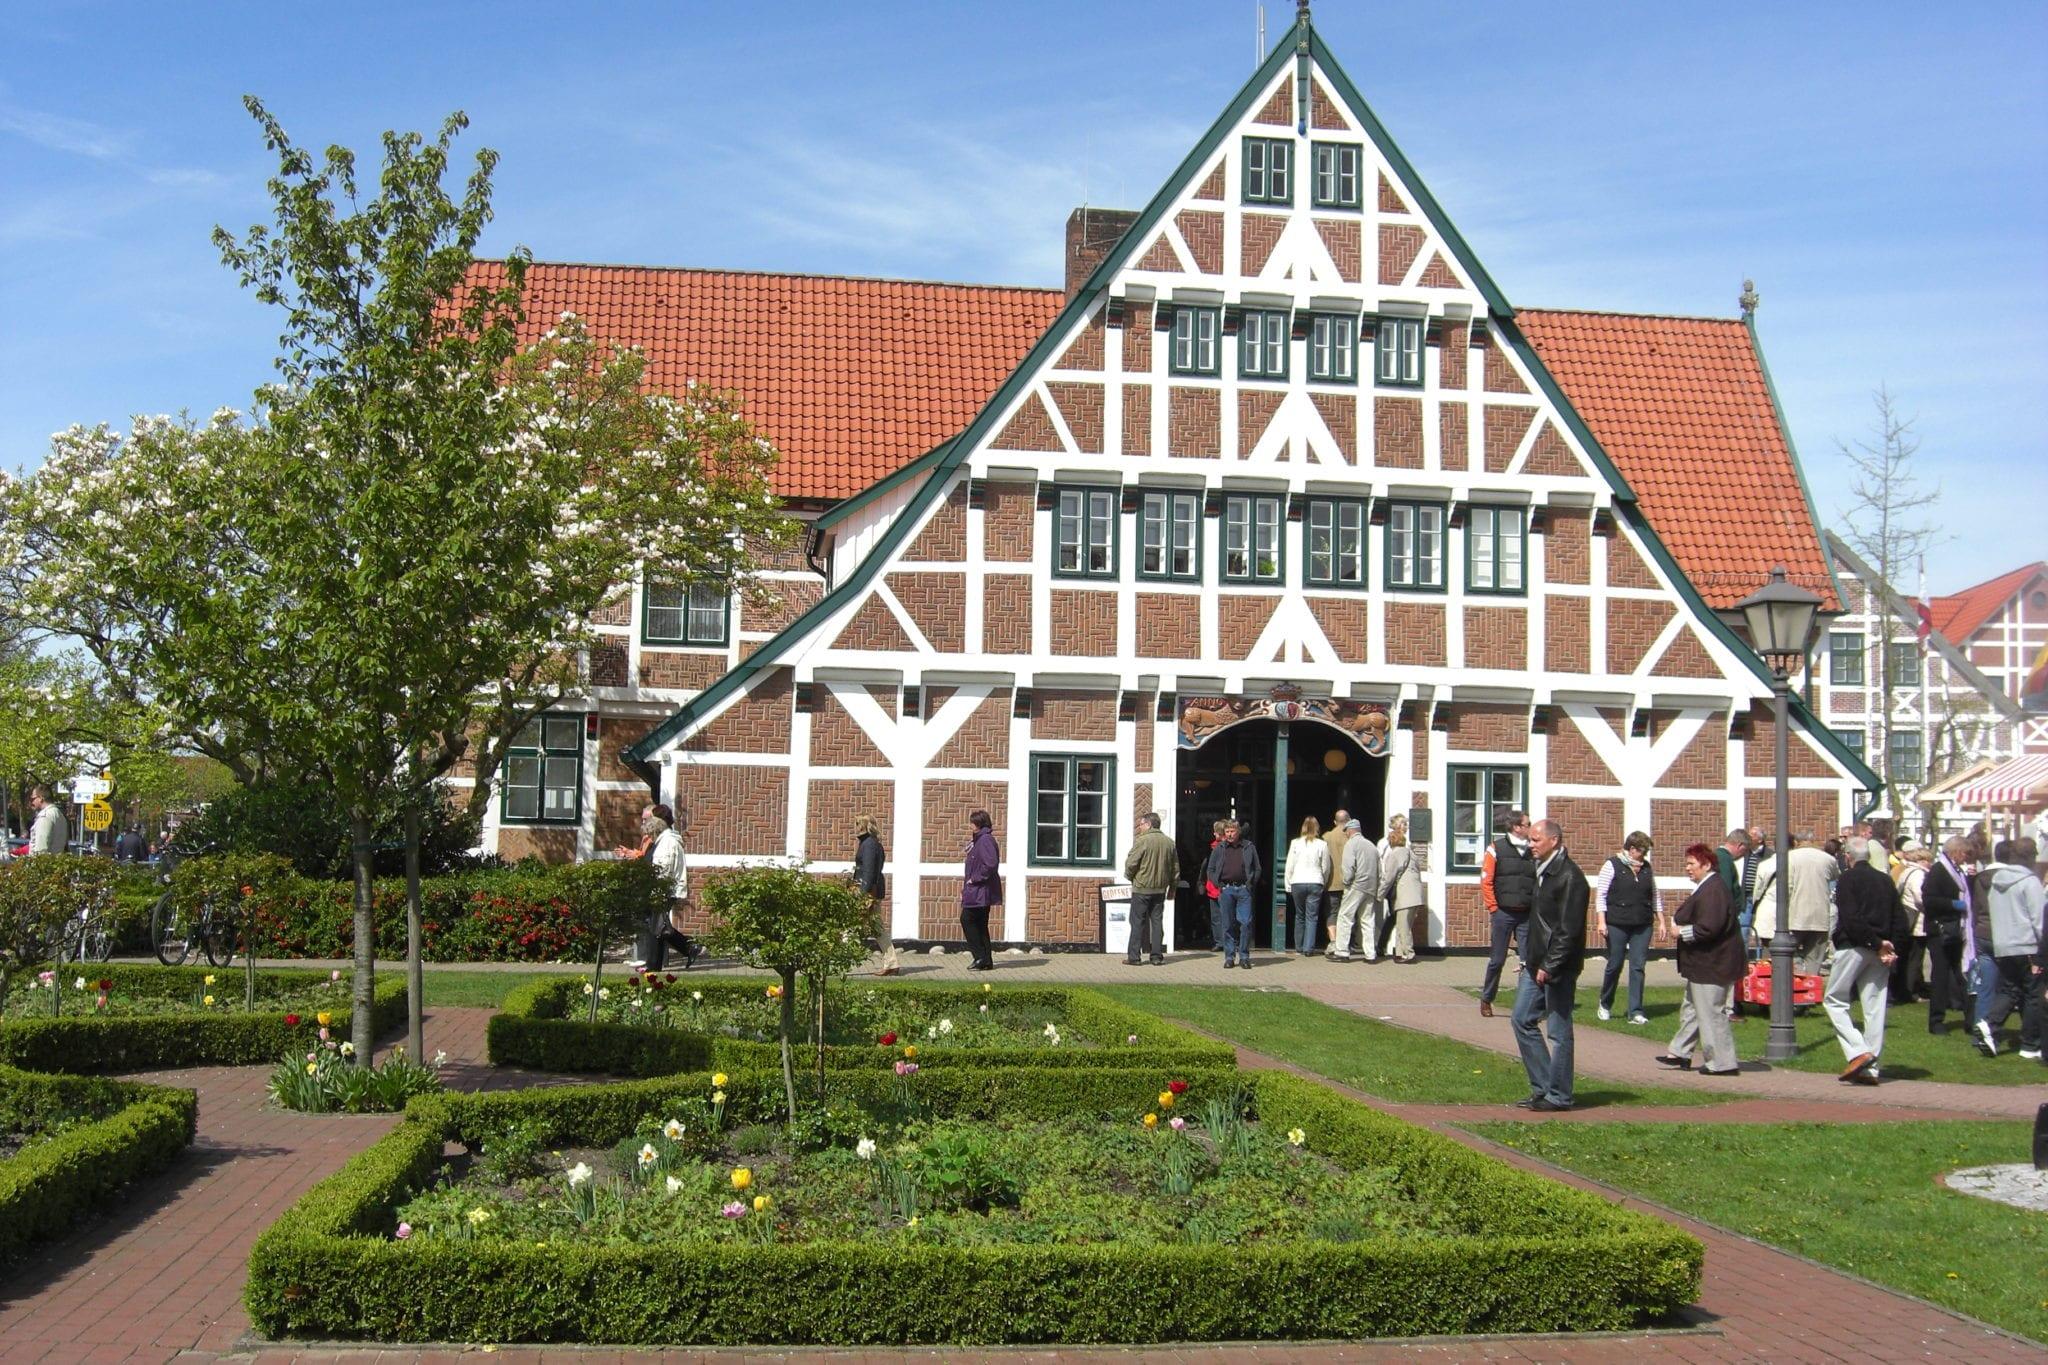 Tourismusverein Altes Land e.V.- Rathaus Jork